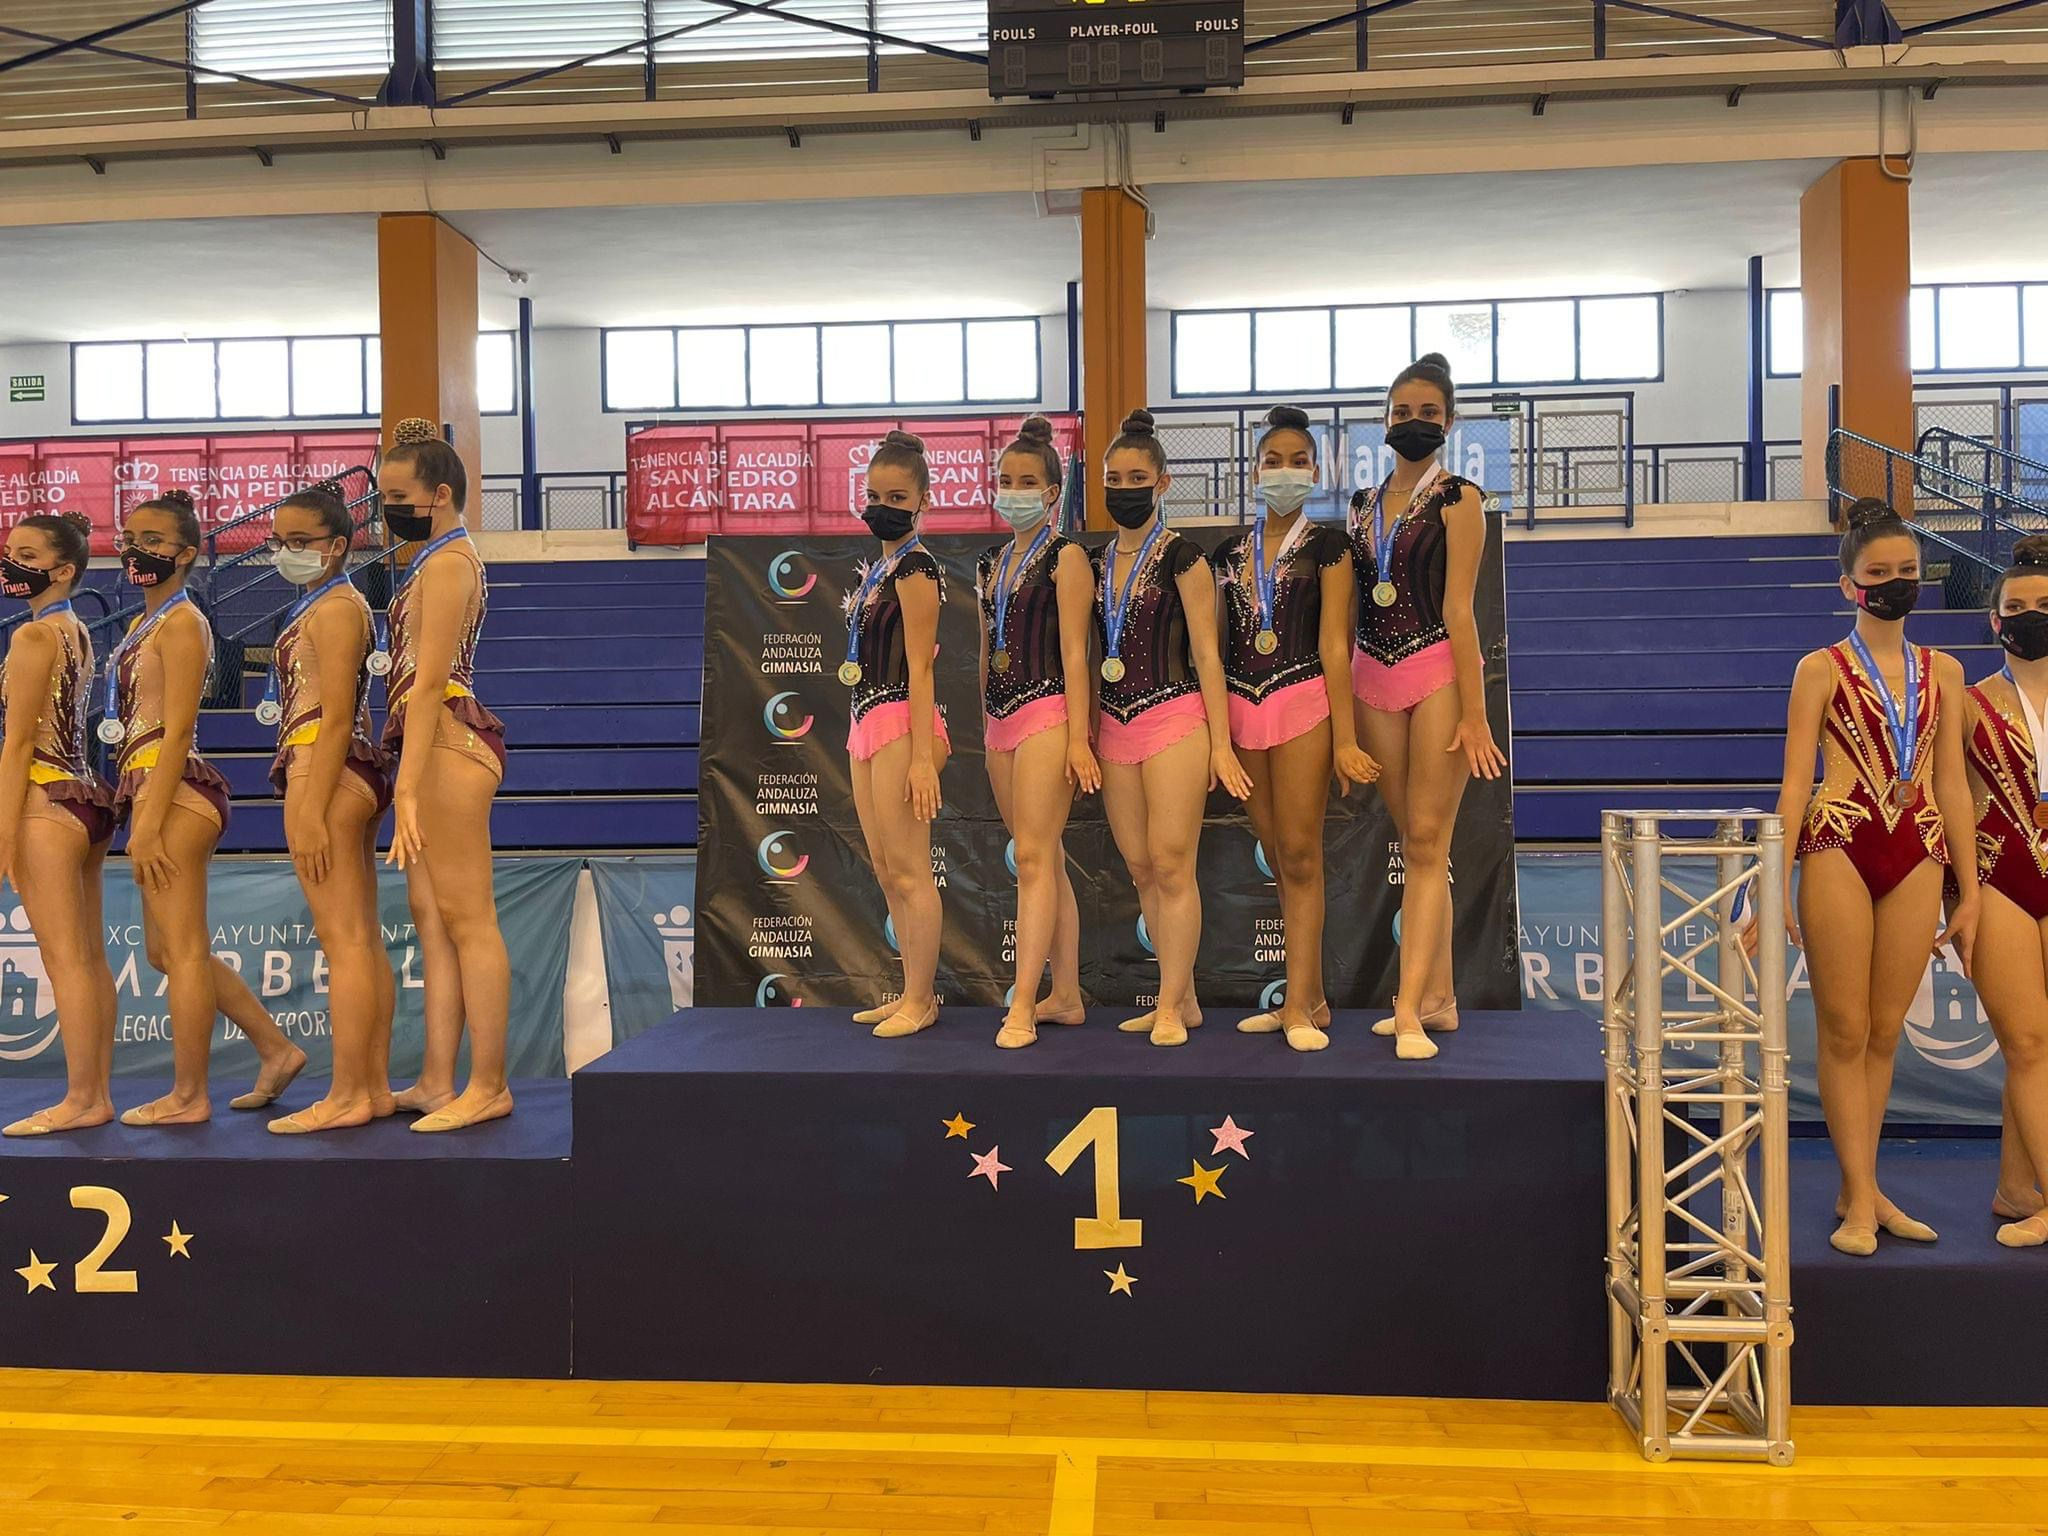 El Club de Gimnasia Rítmica de Huétor Tájar logra la medalla de oro en el Campeonato de Andalucía de Promesas